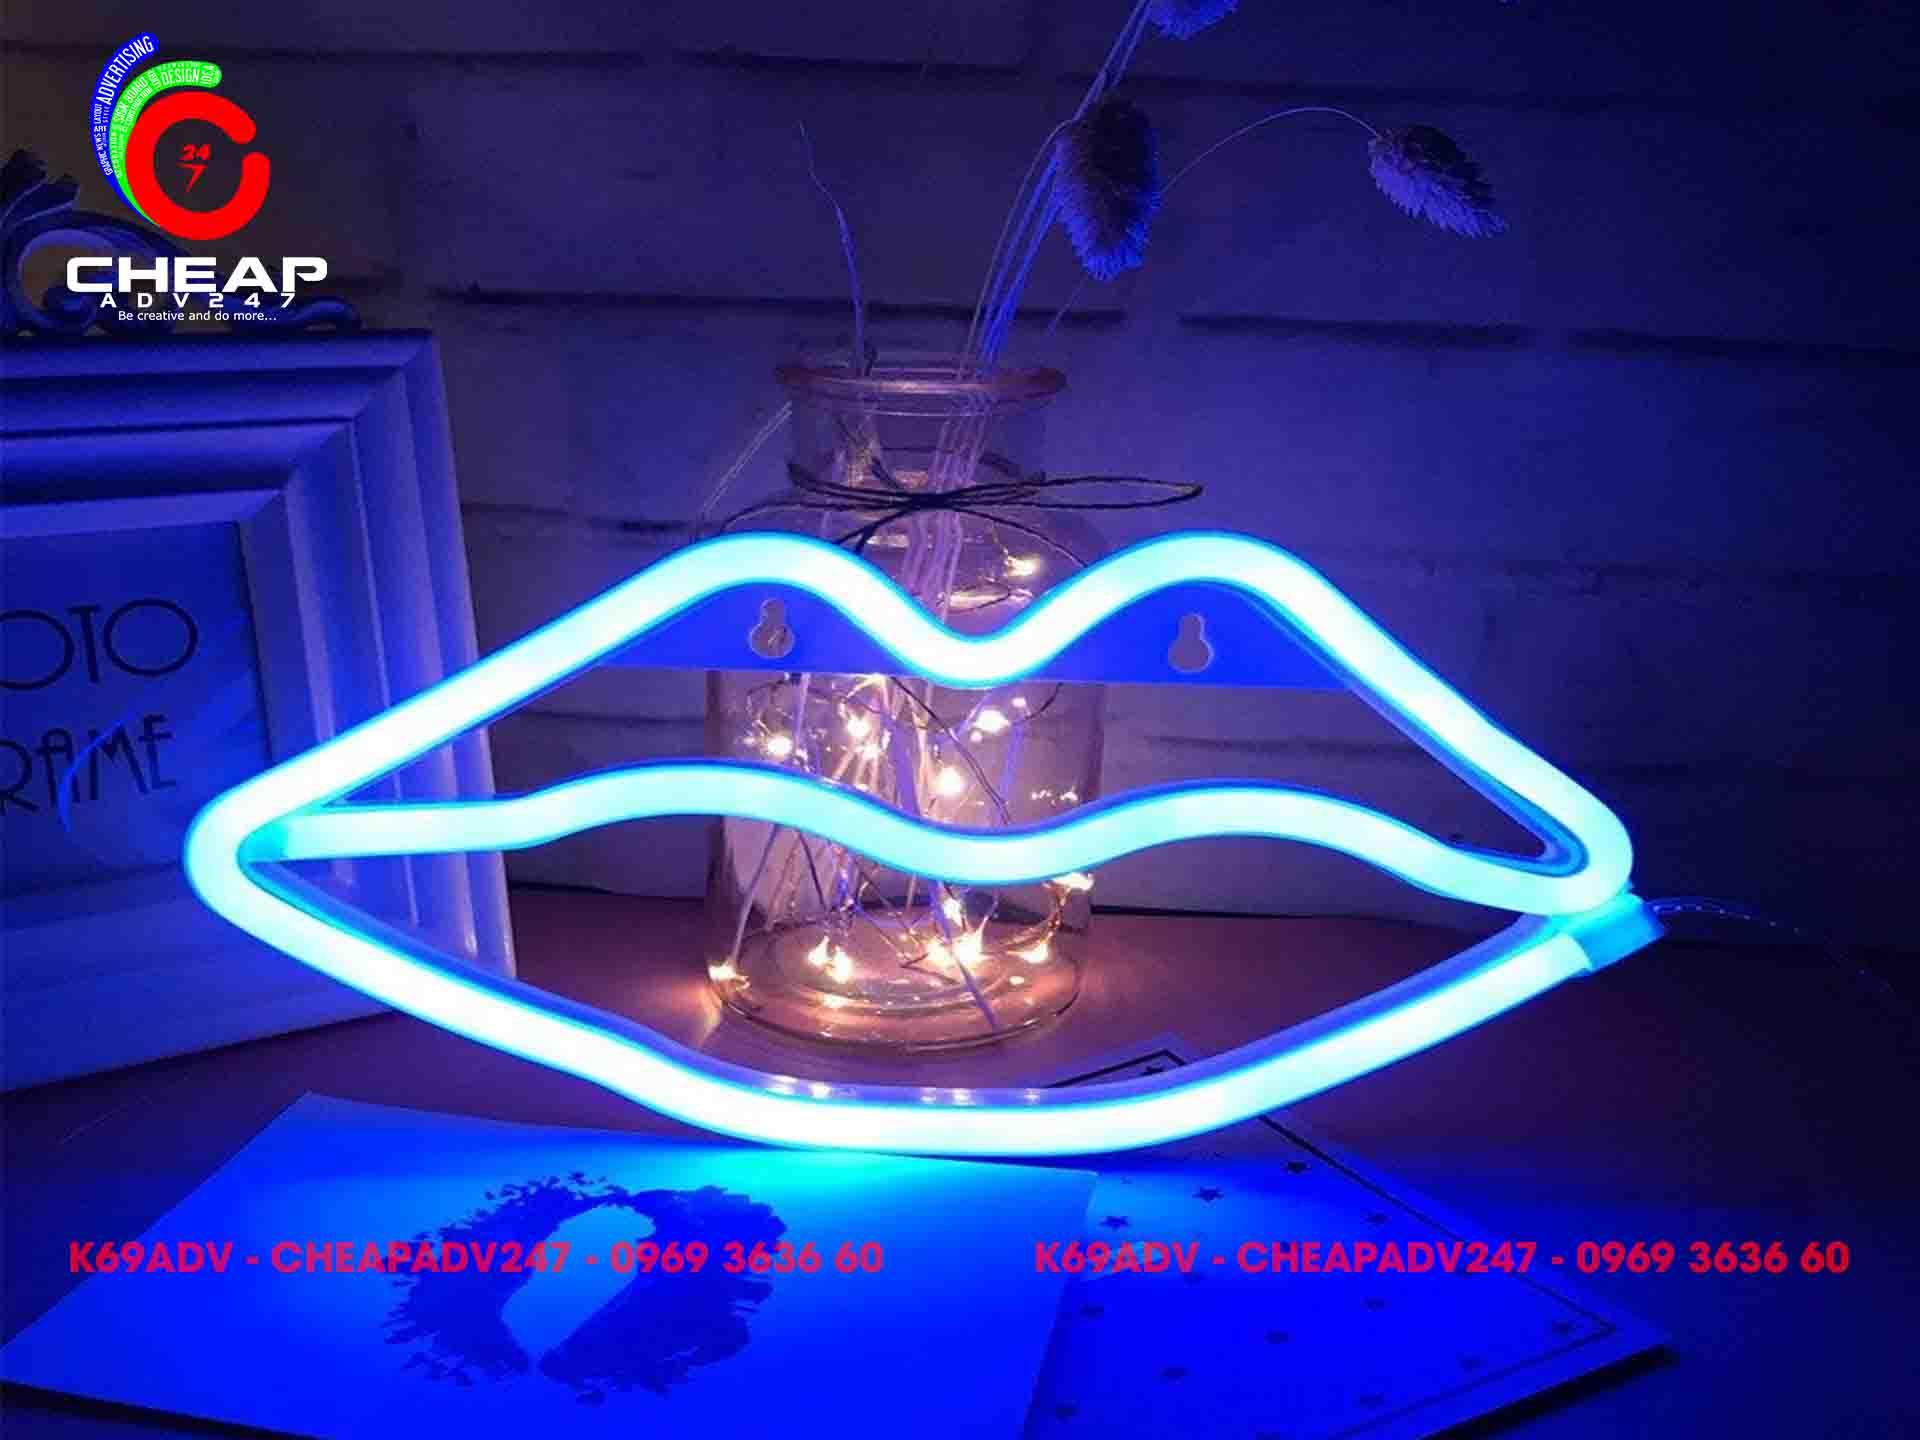 Thi công đèn Neon Sign tại Cheapadv247